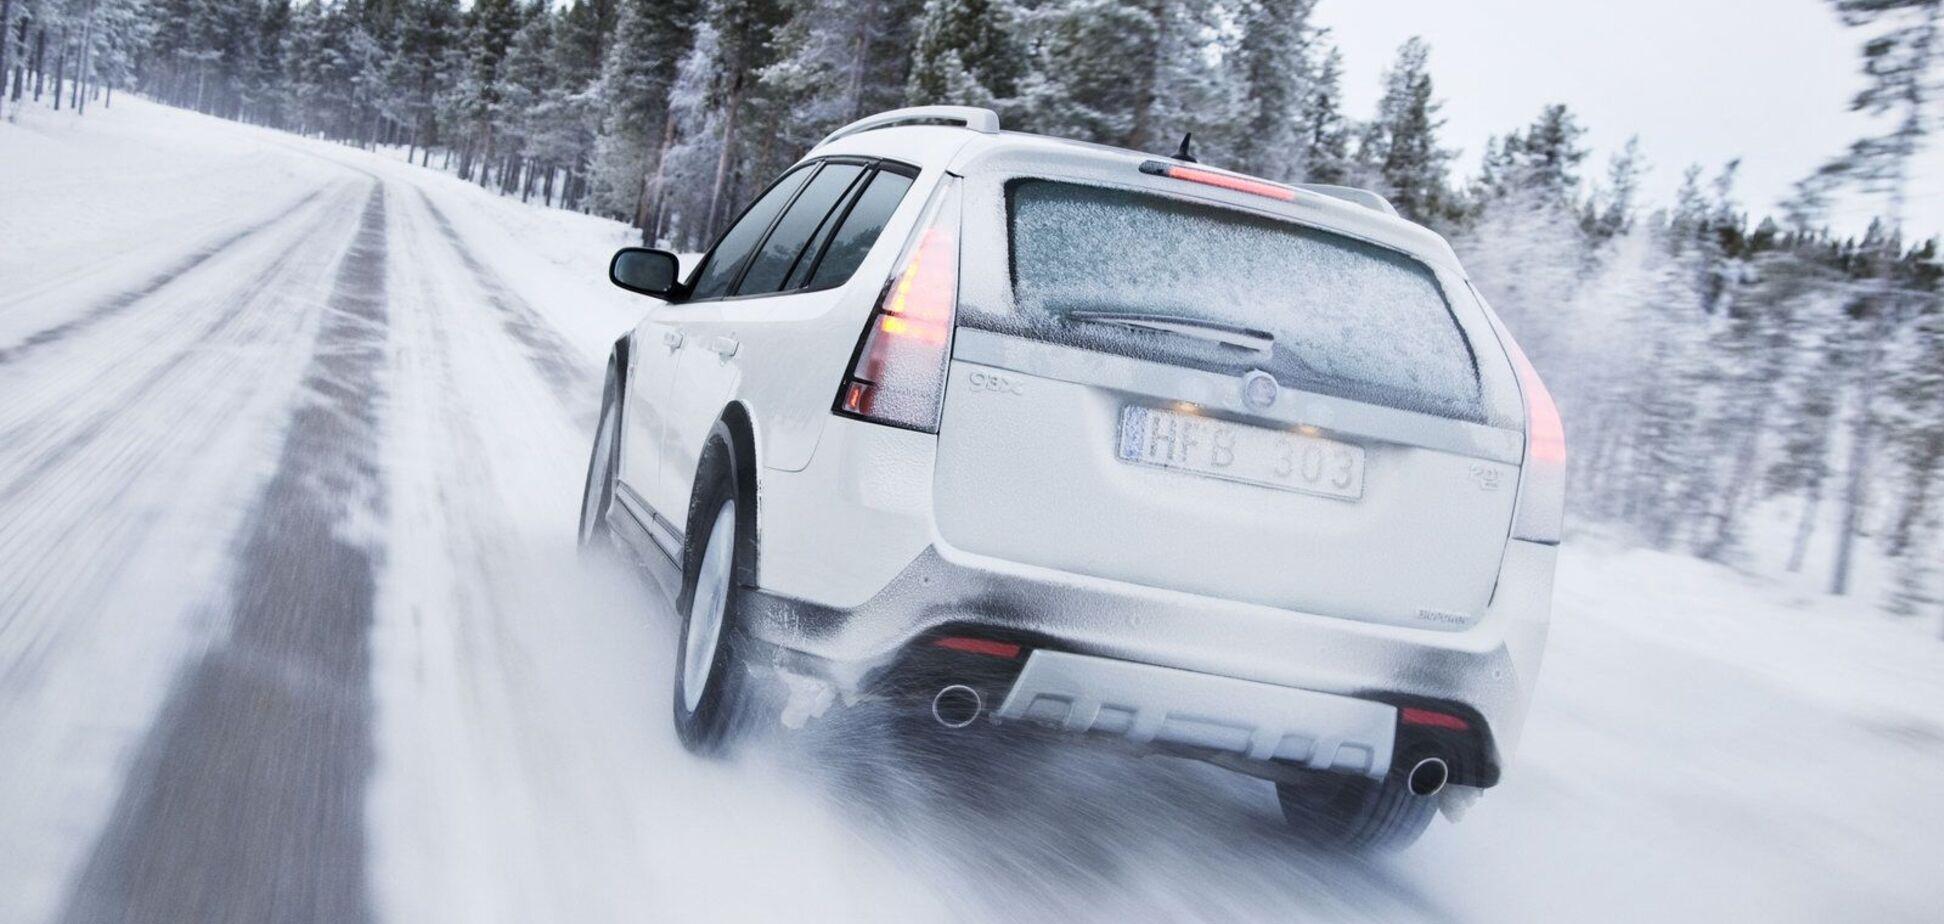 Вождение автомобиля зимой: 7 типичных ошибок, которые допускают водители